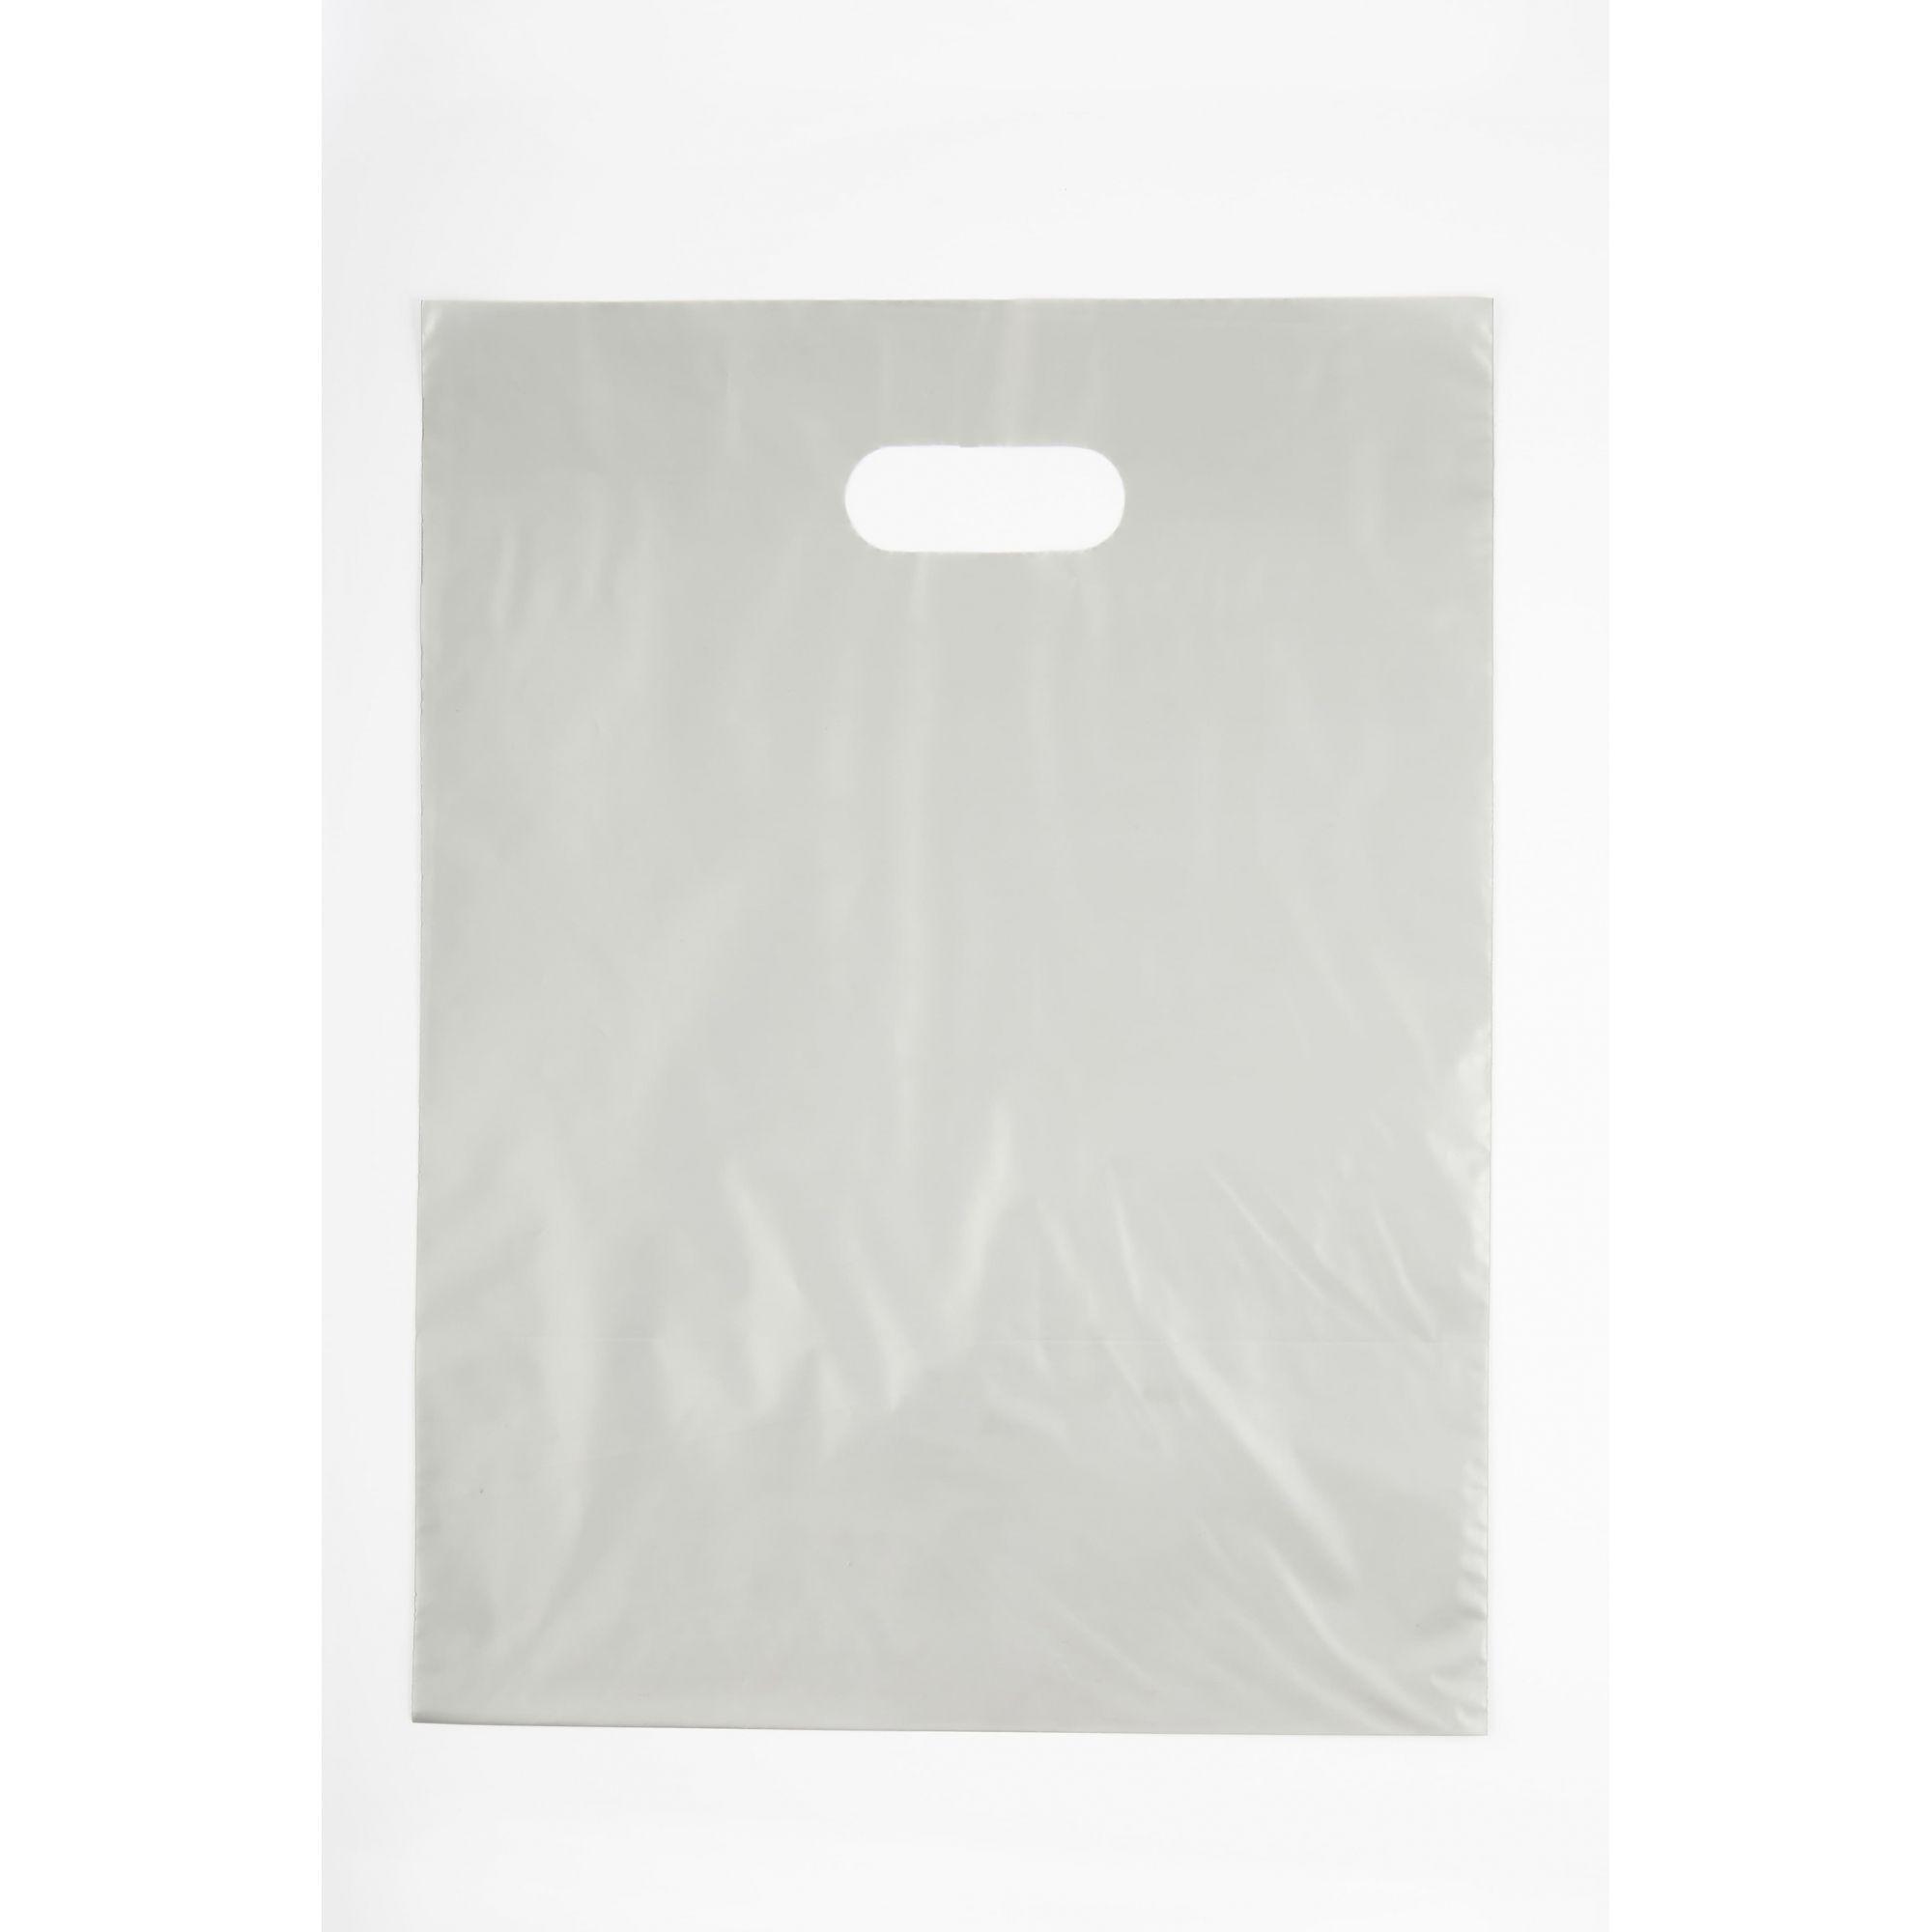 Sacola Plástica 30x40 Transparente - Alça Boca de Palhaço